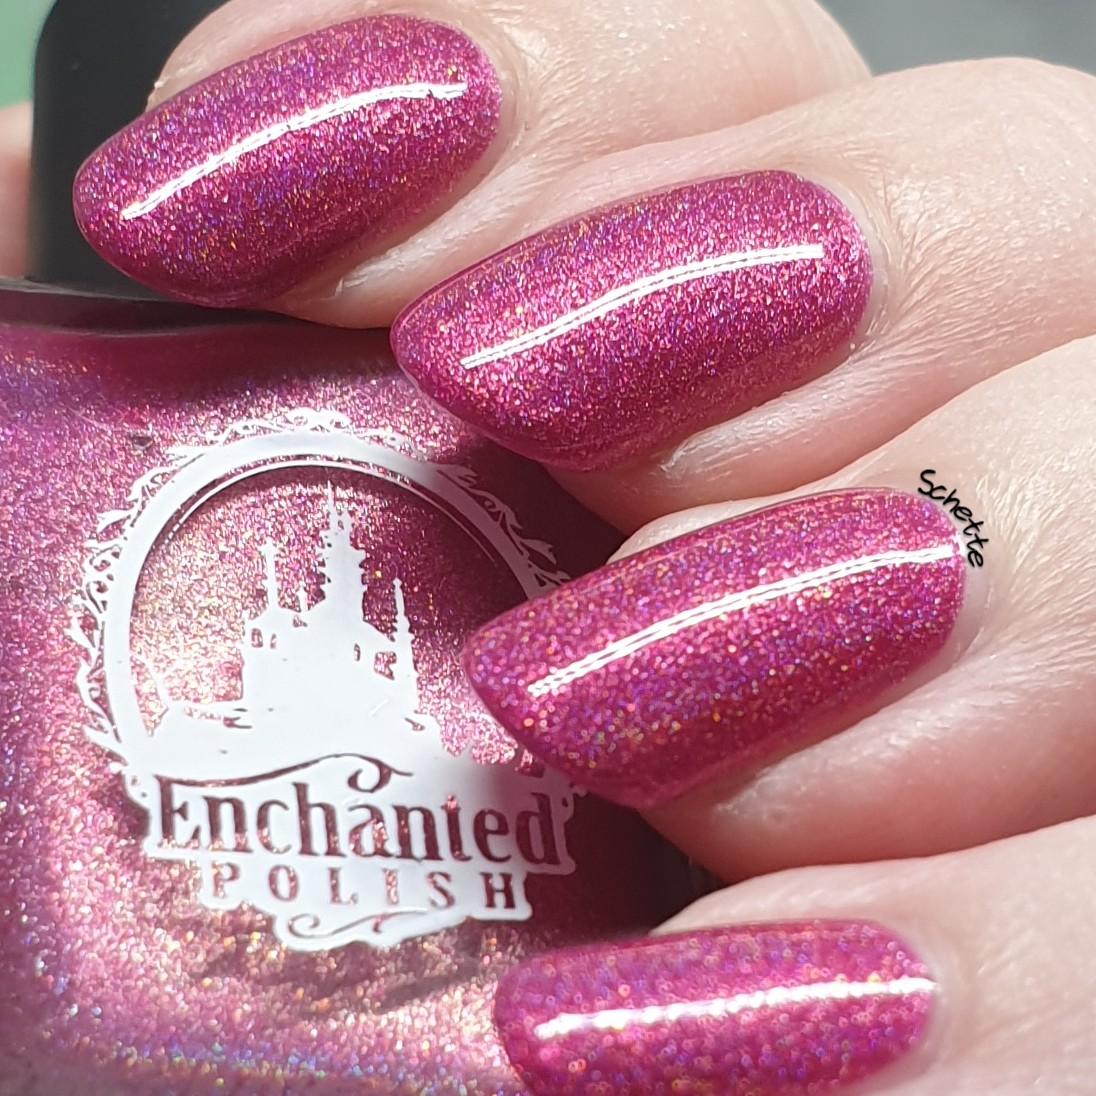 Enchanted Polish - Amaze-Ballz